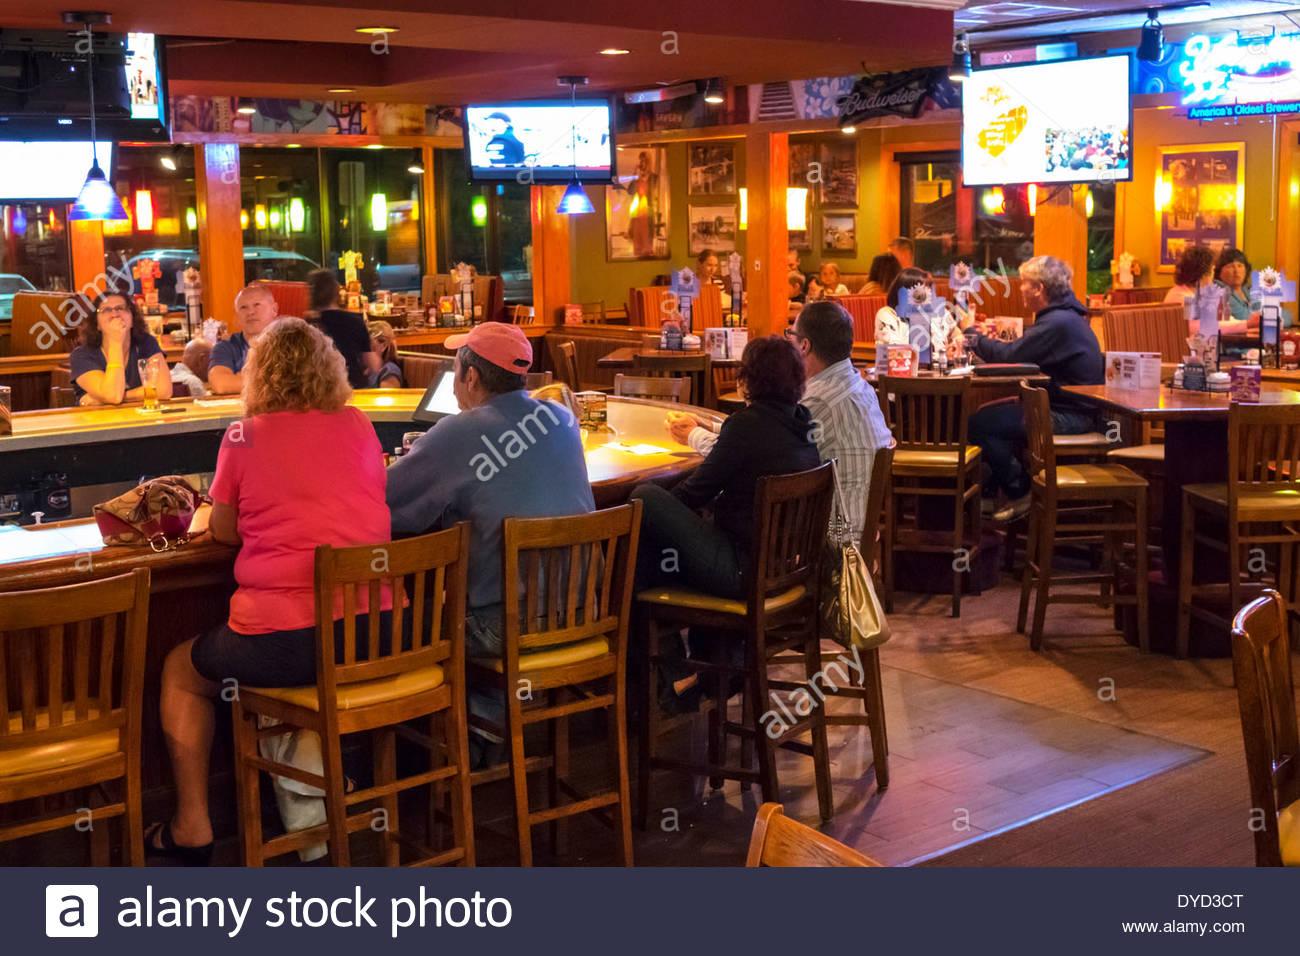 Port Charlotte Florida Applebee S Restaurant Inside